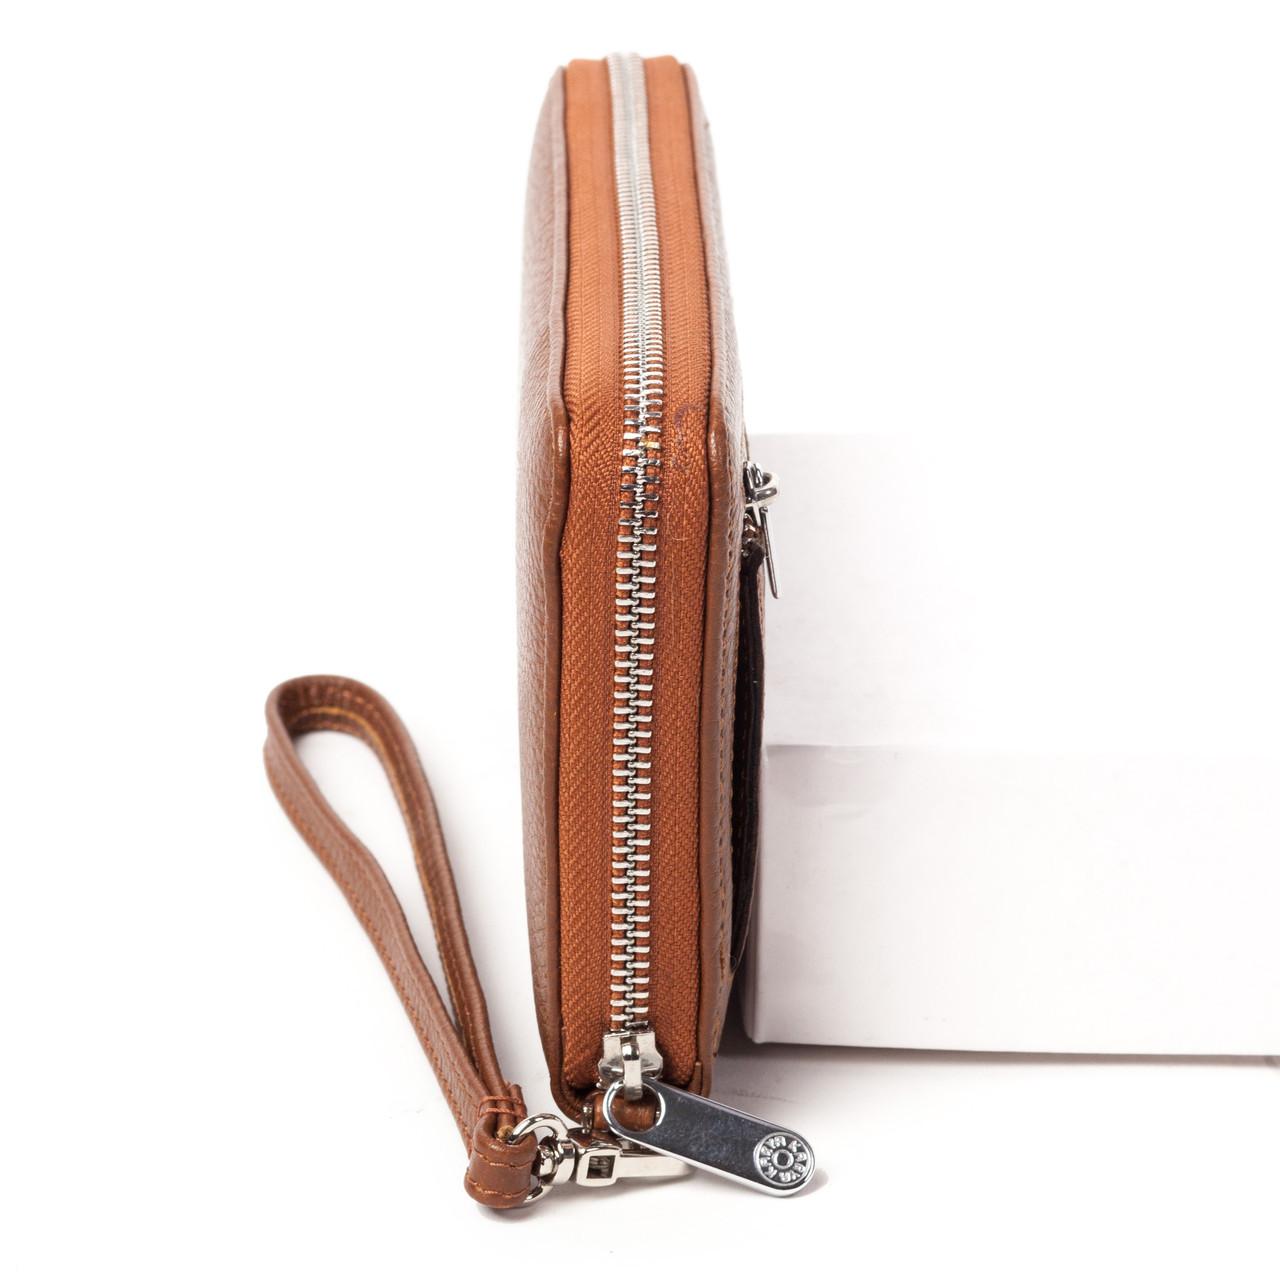 da4ca8f14045 ... Клатч-кошелек Karya 0706-38 мужской кожаный коричневый 3 ...